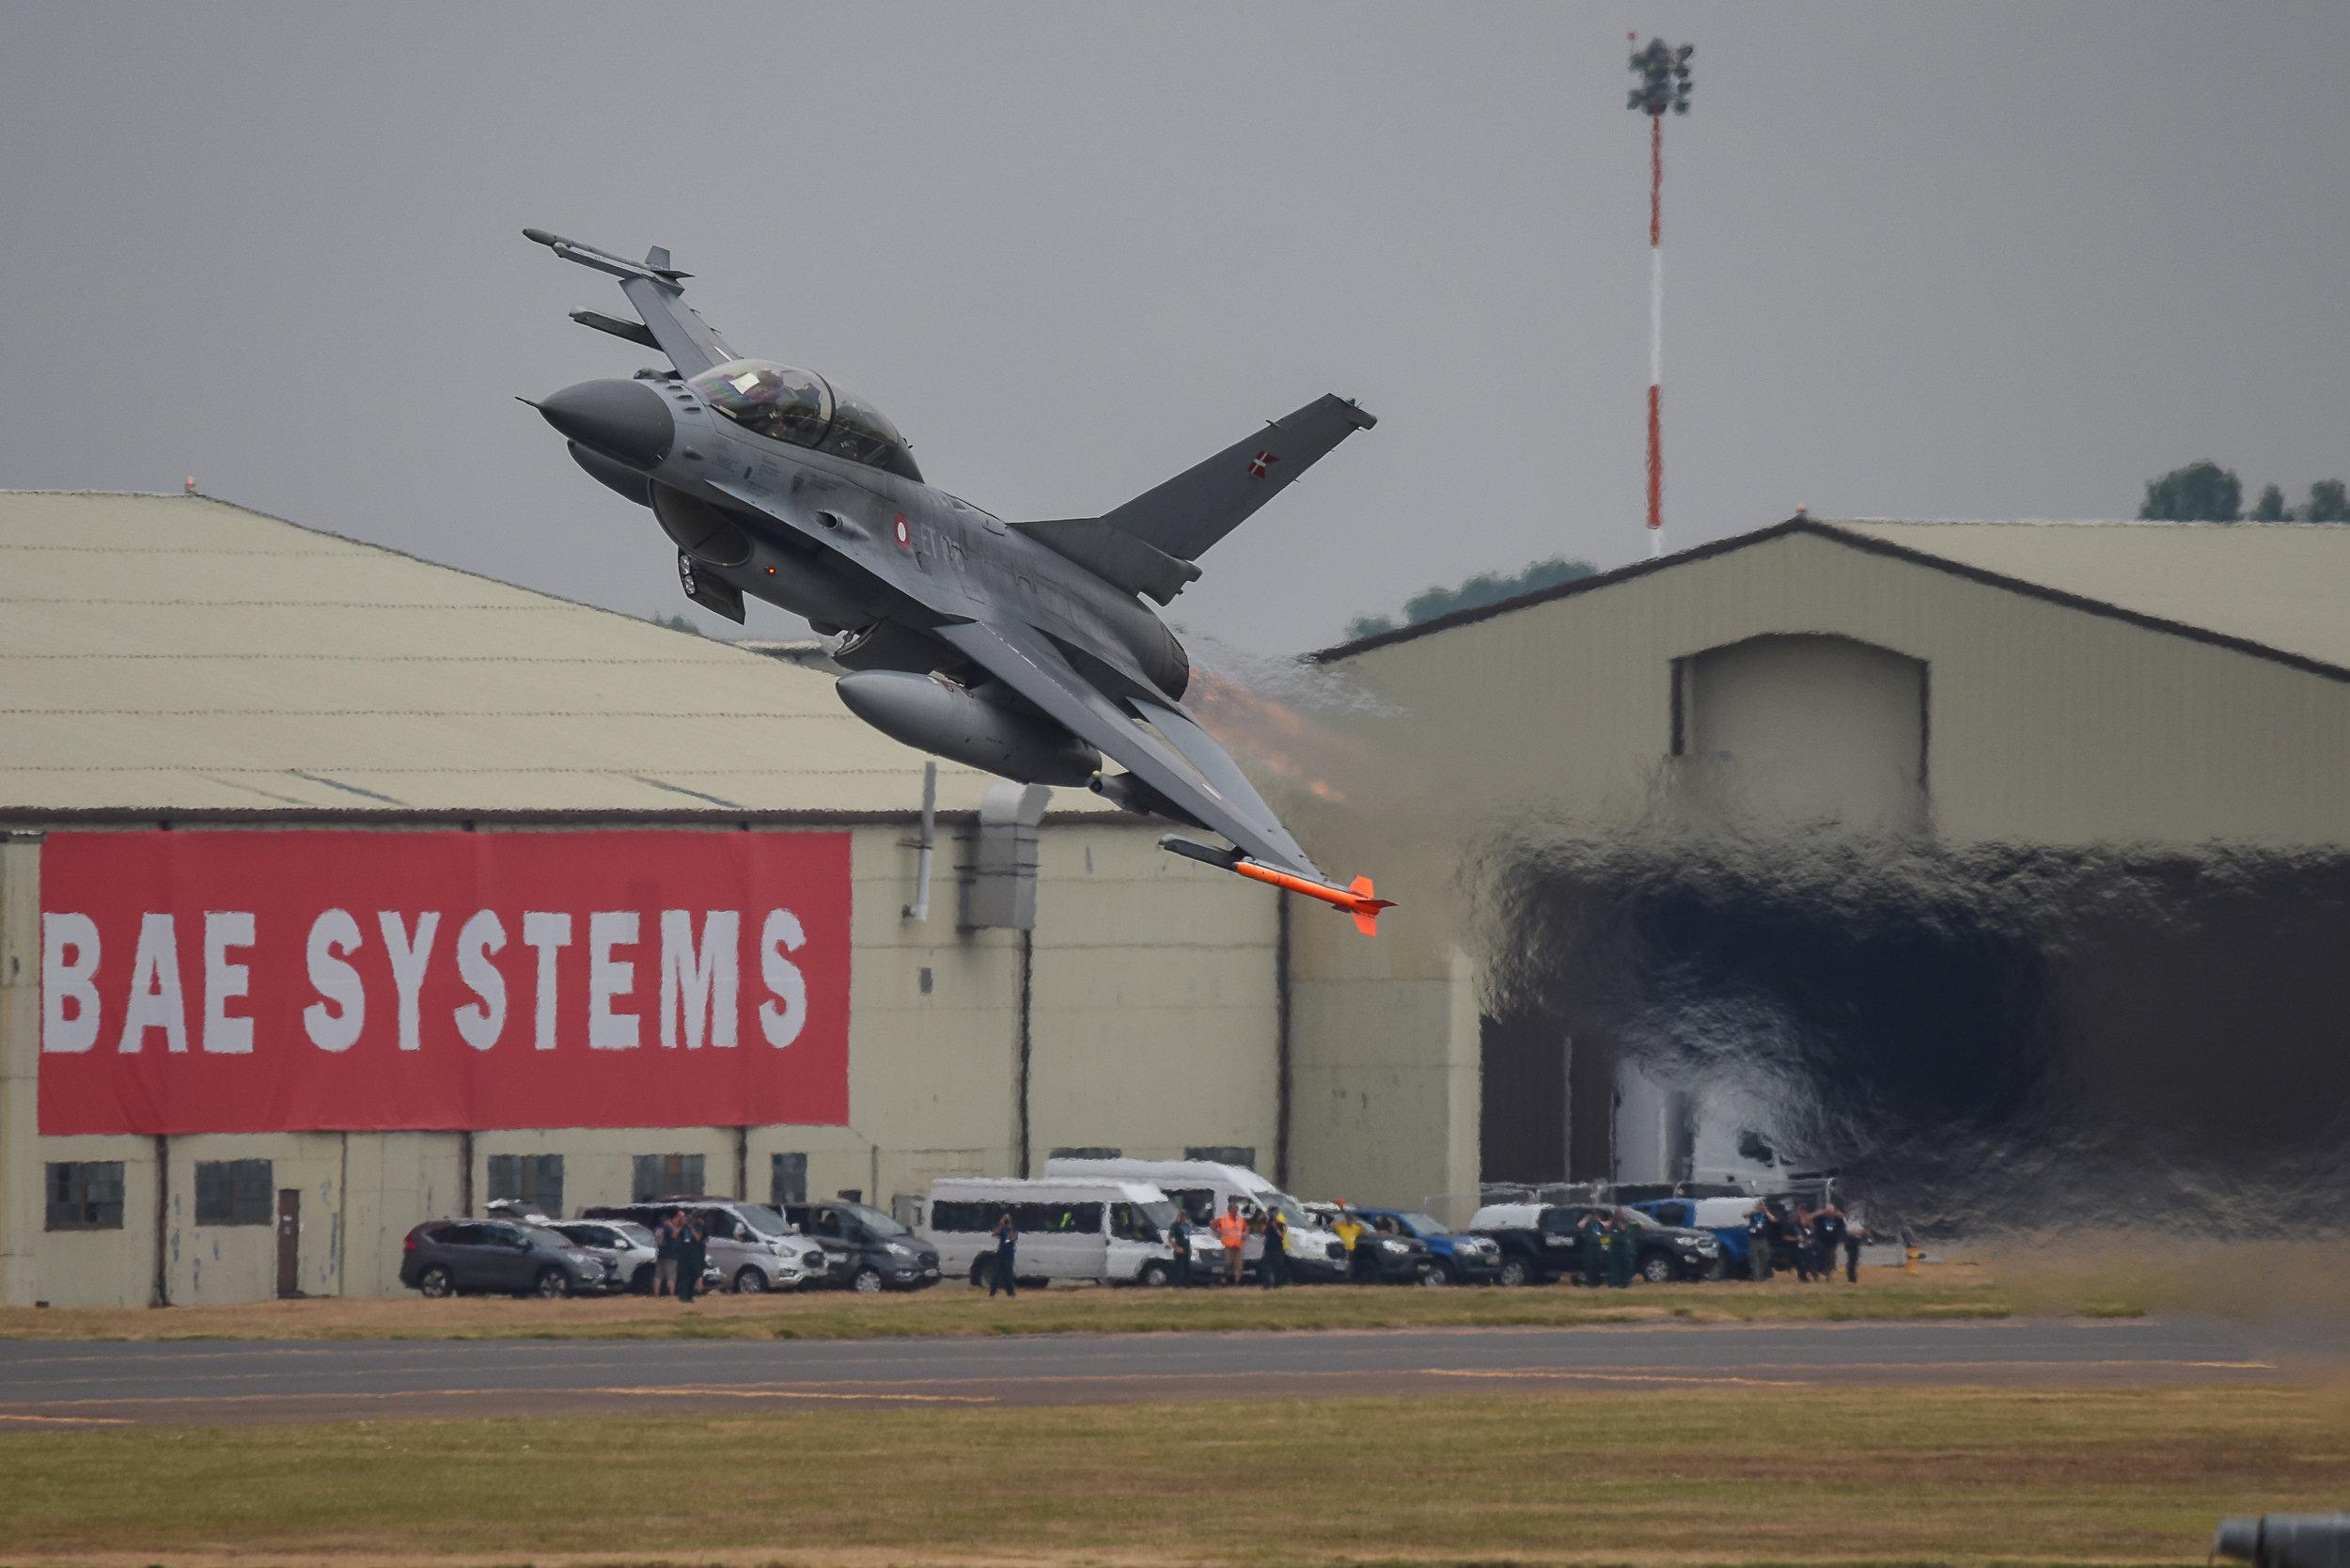 A Danish F-16